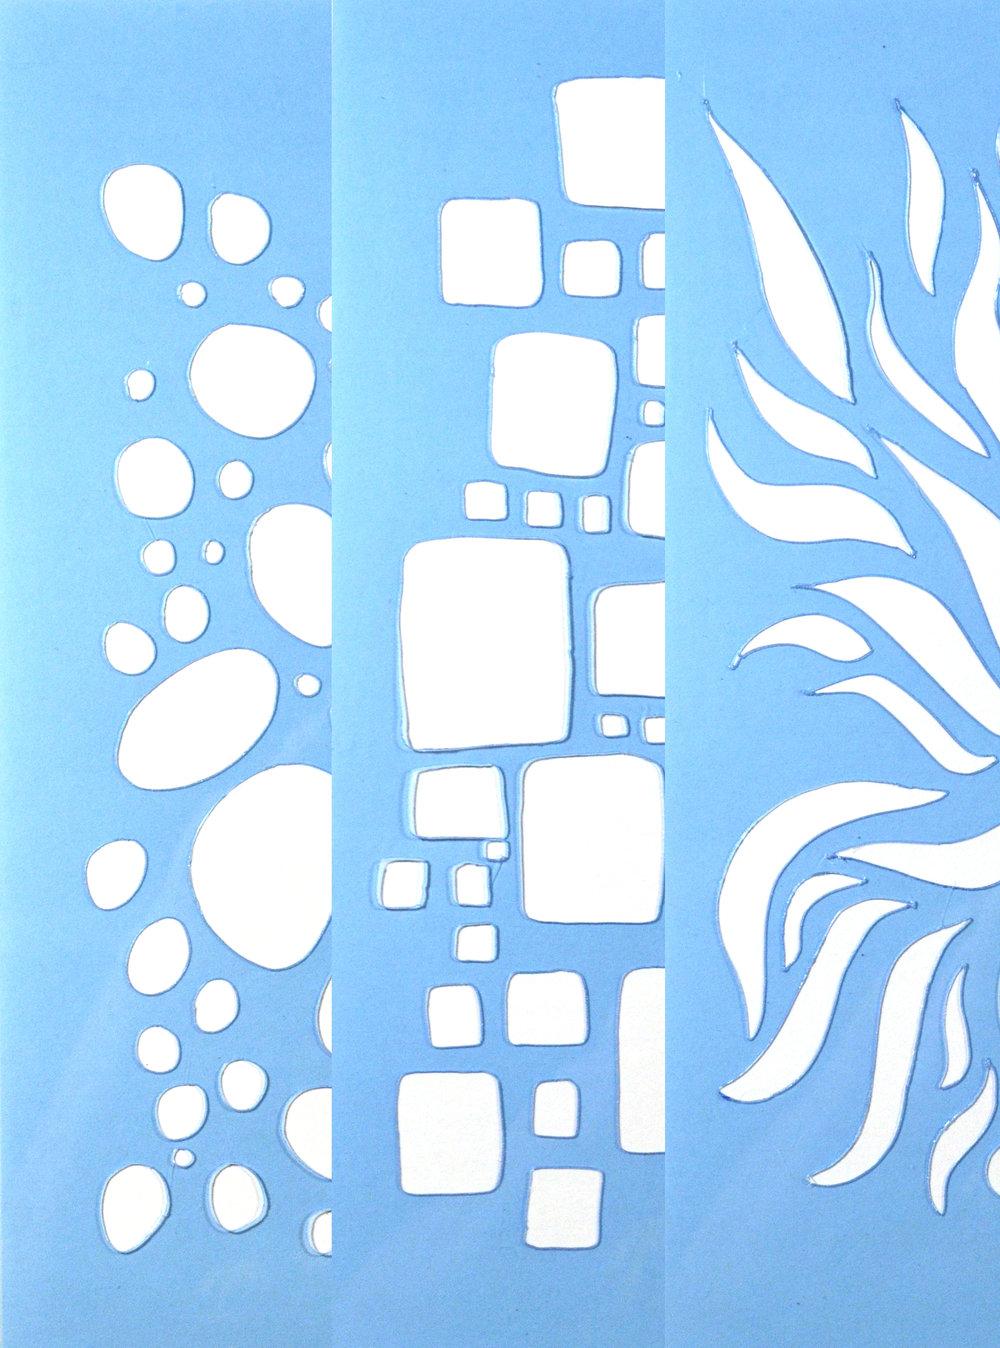 Hand Cut Stencils - 3 Pack